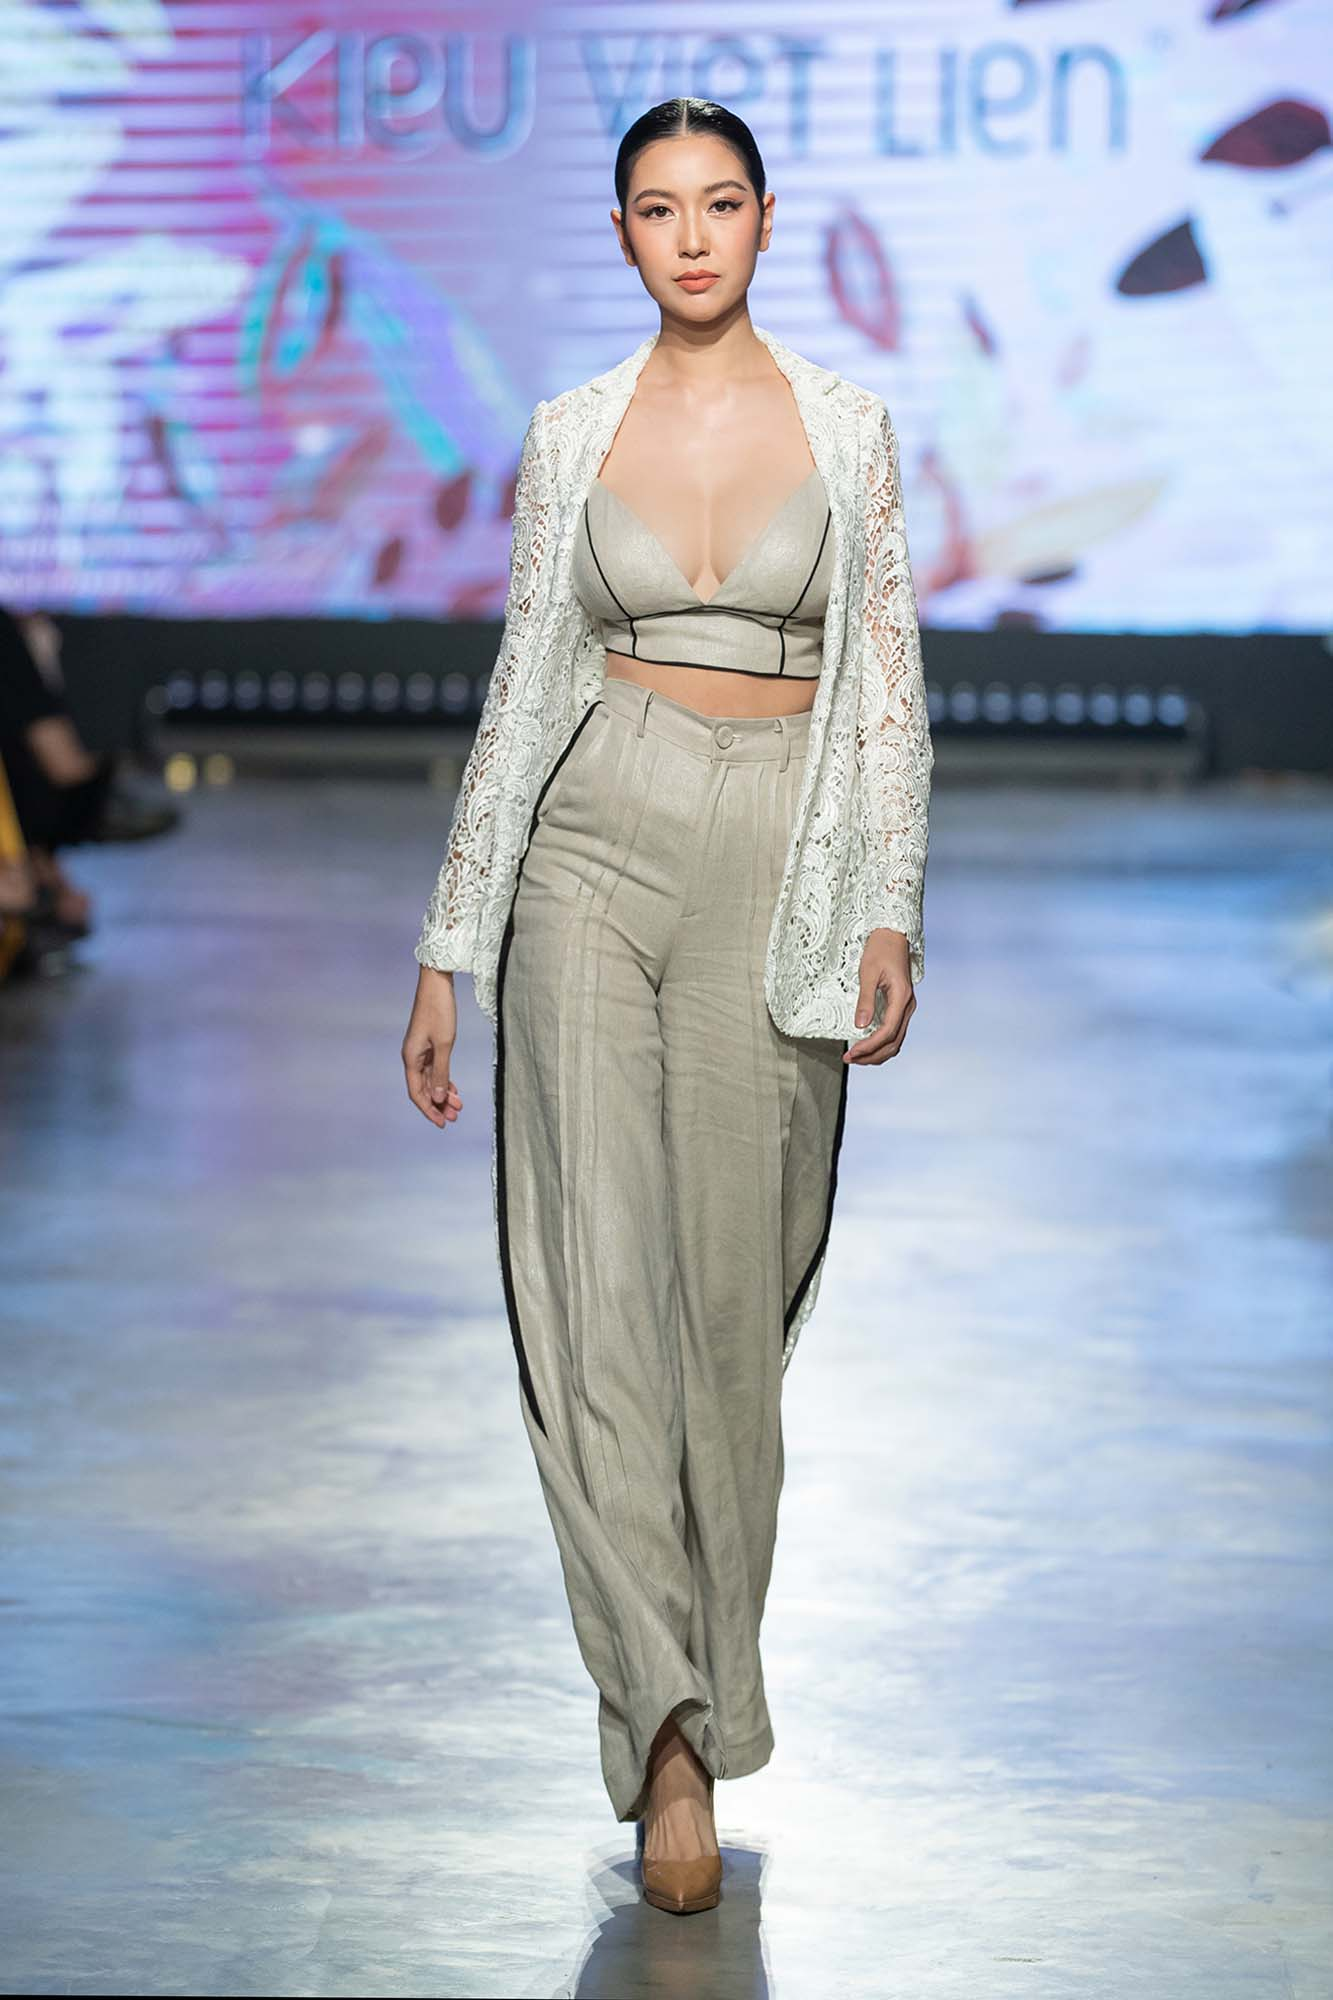 Mẫu nhí Bảo Hà trình diễn với trăn khổng lồ, Á hậu Thúy Vân vừa sinh xong đã diện ngay crop top táo bạo thách thức sàn catwalk của Fashion Festival  - Ảnh 12.